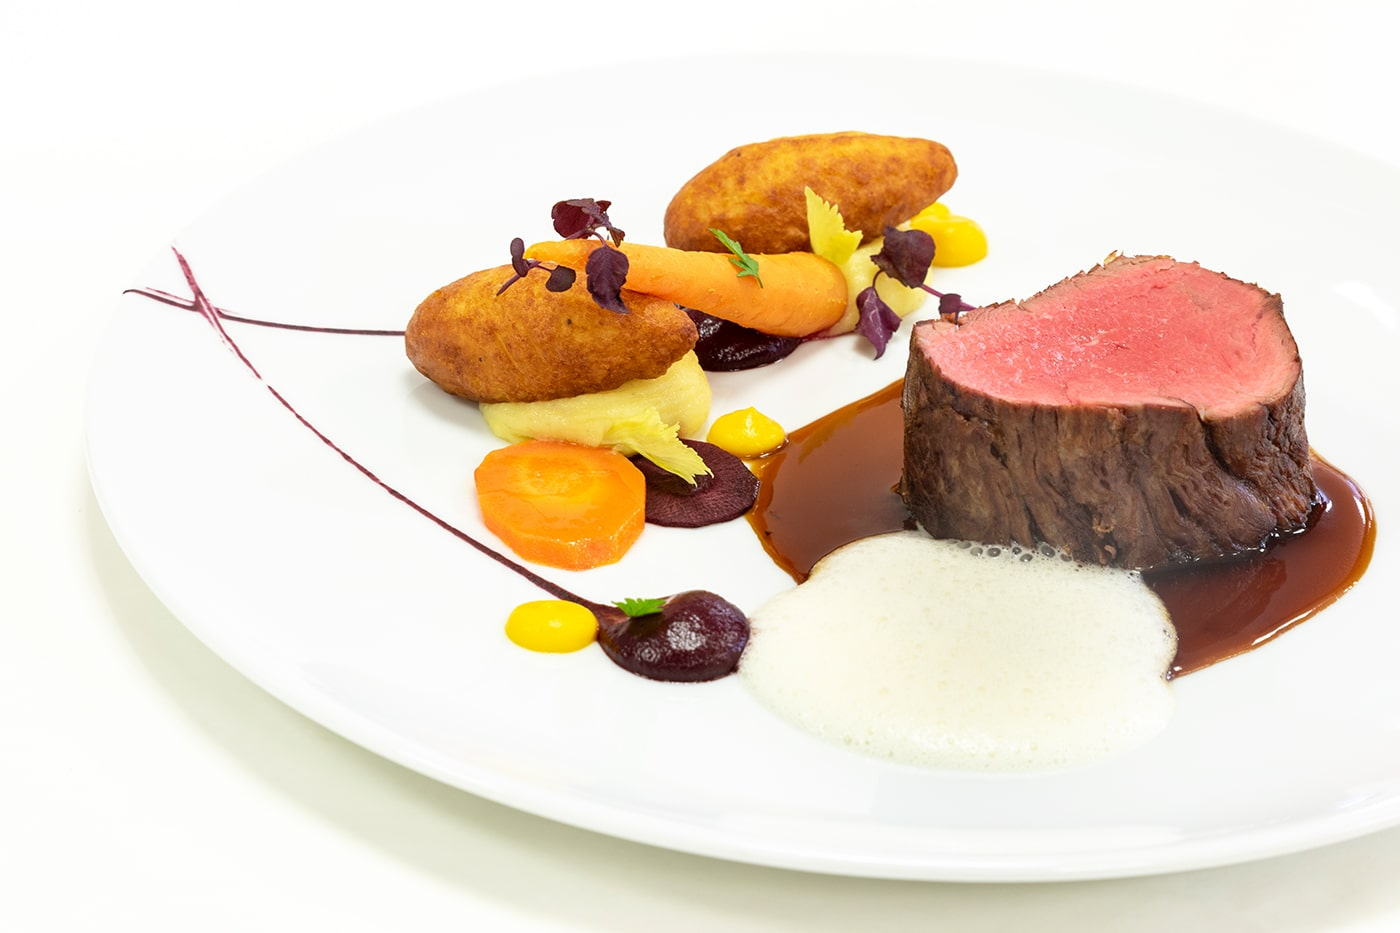 Ein Teller mit rosagebratenem Fleisch und Beilagen aufwendig garniert